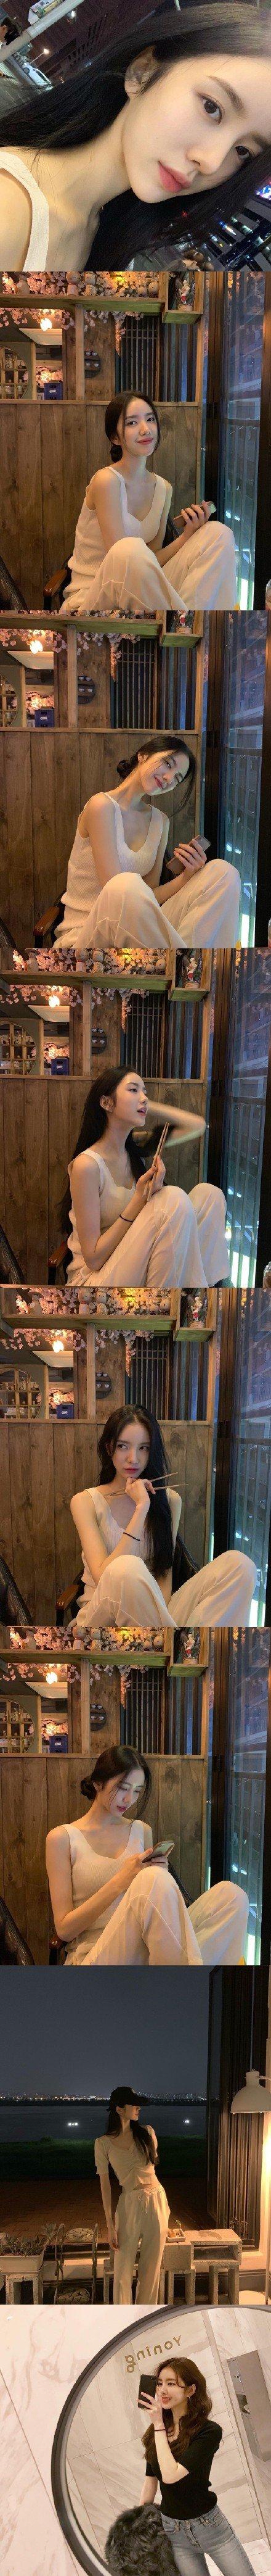 妹子图:Yerinxk,超好看的韩系小姐姐 涨姿势 第6张